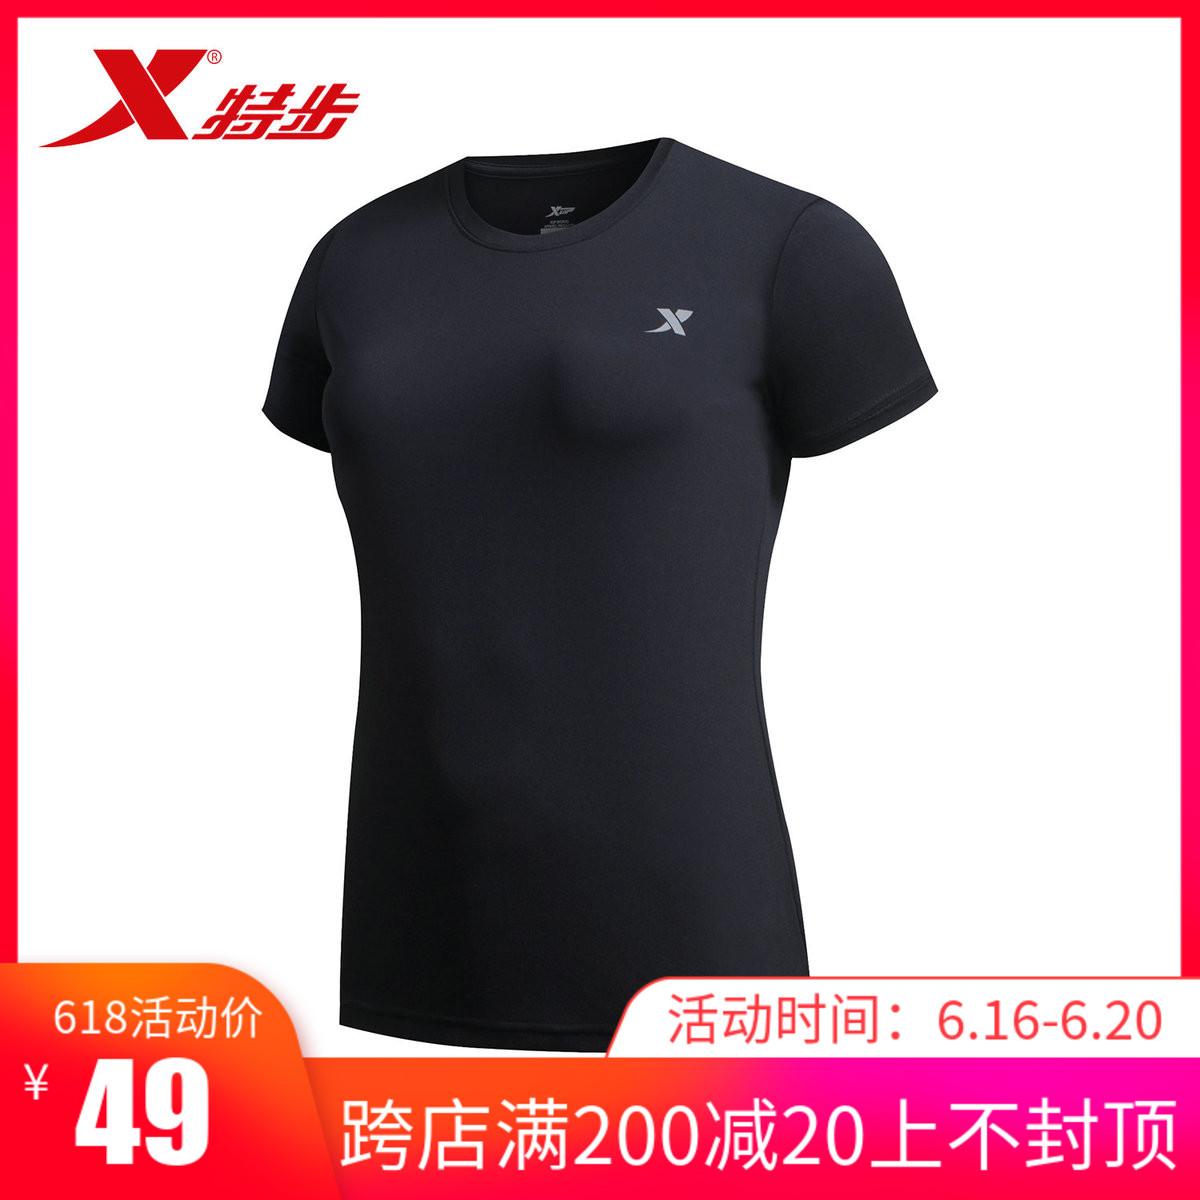 特步正品女短袖T恤夏季跑步训练女子T恤圆领纯色运动女士短T恤